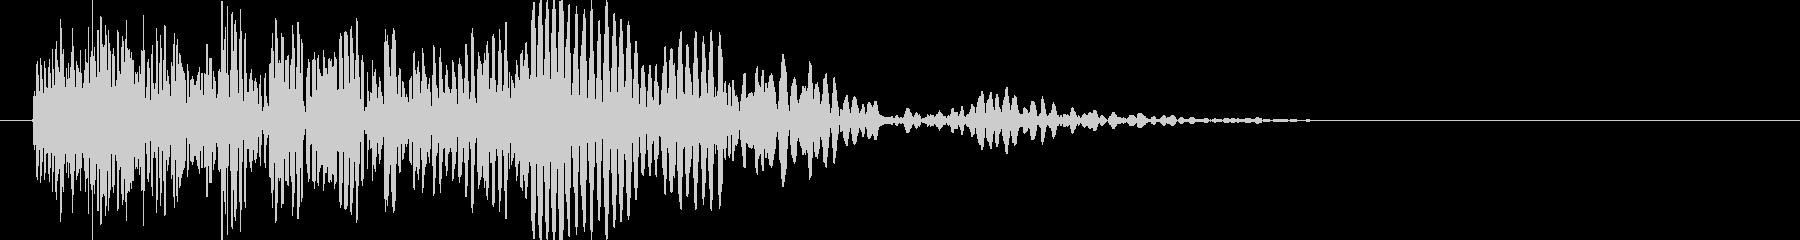 爆発・衝撃波・ソニックブーム5の未再生の波形